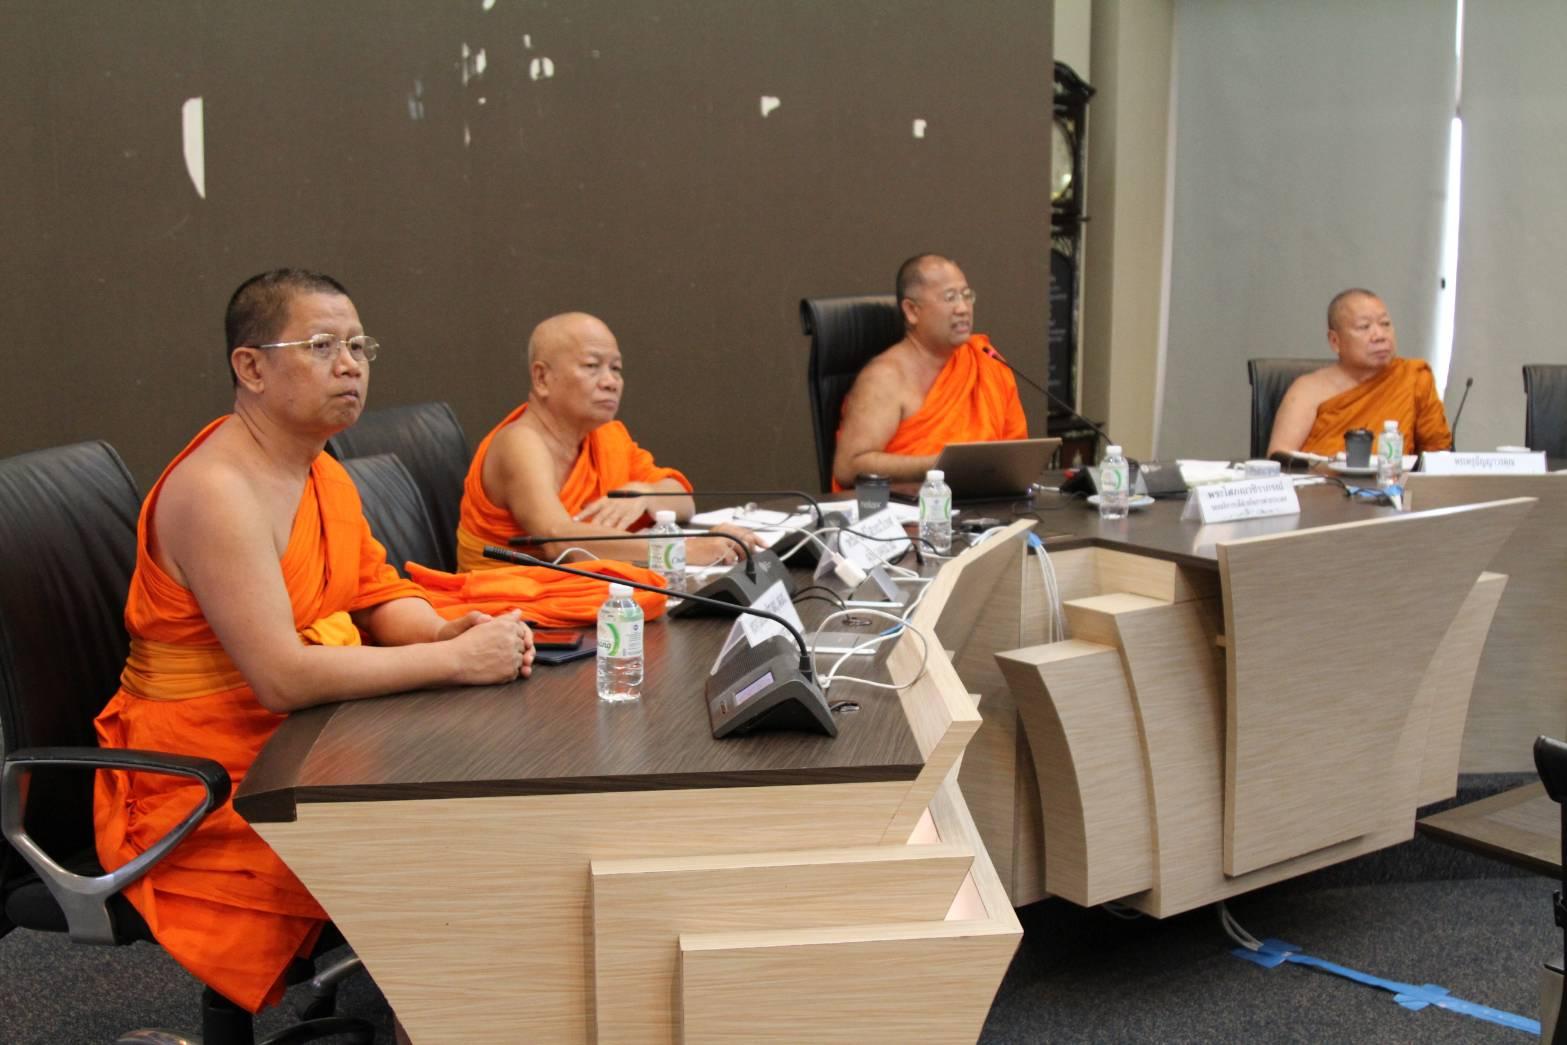 610717 รอง กต พร้อมผู้ทรงคุณวุฒิประชุมหลักสูตรพระธรรมทูต 2